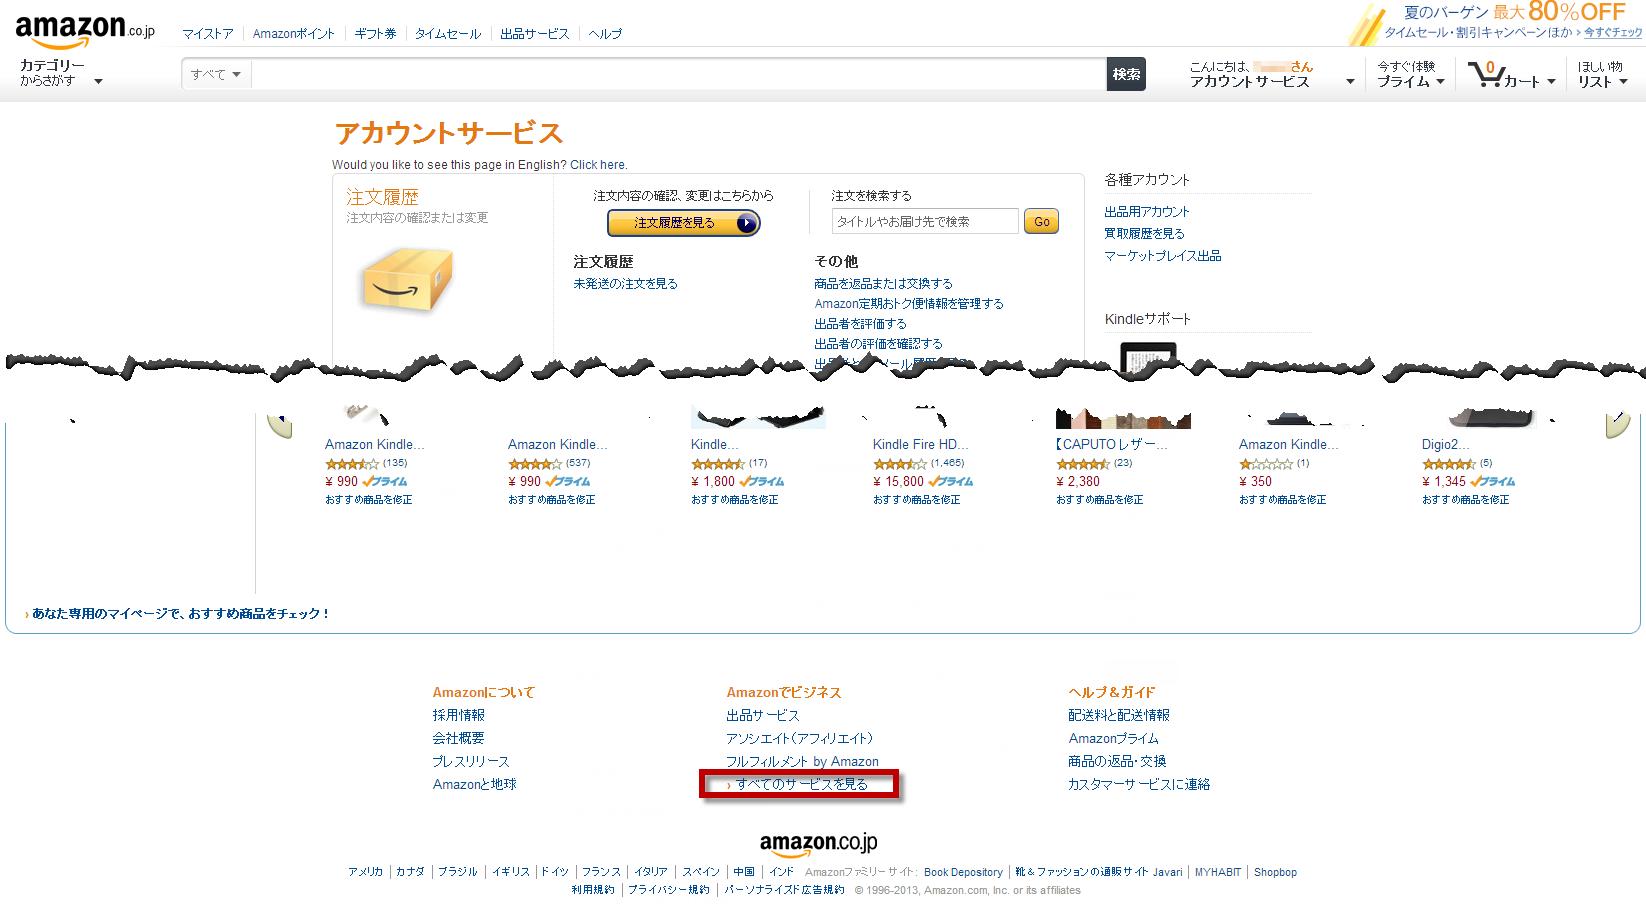 Amazonからいく場合は、まず画面下にある【すべてのサービスを見る】をクリックします。